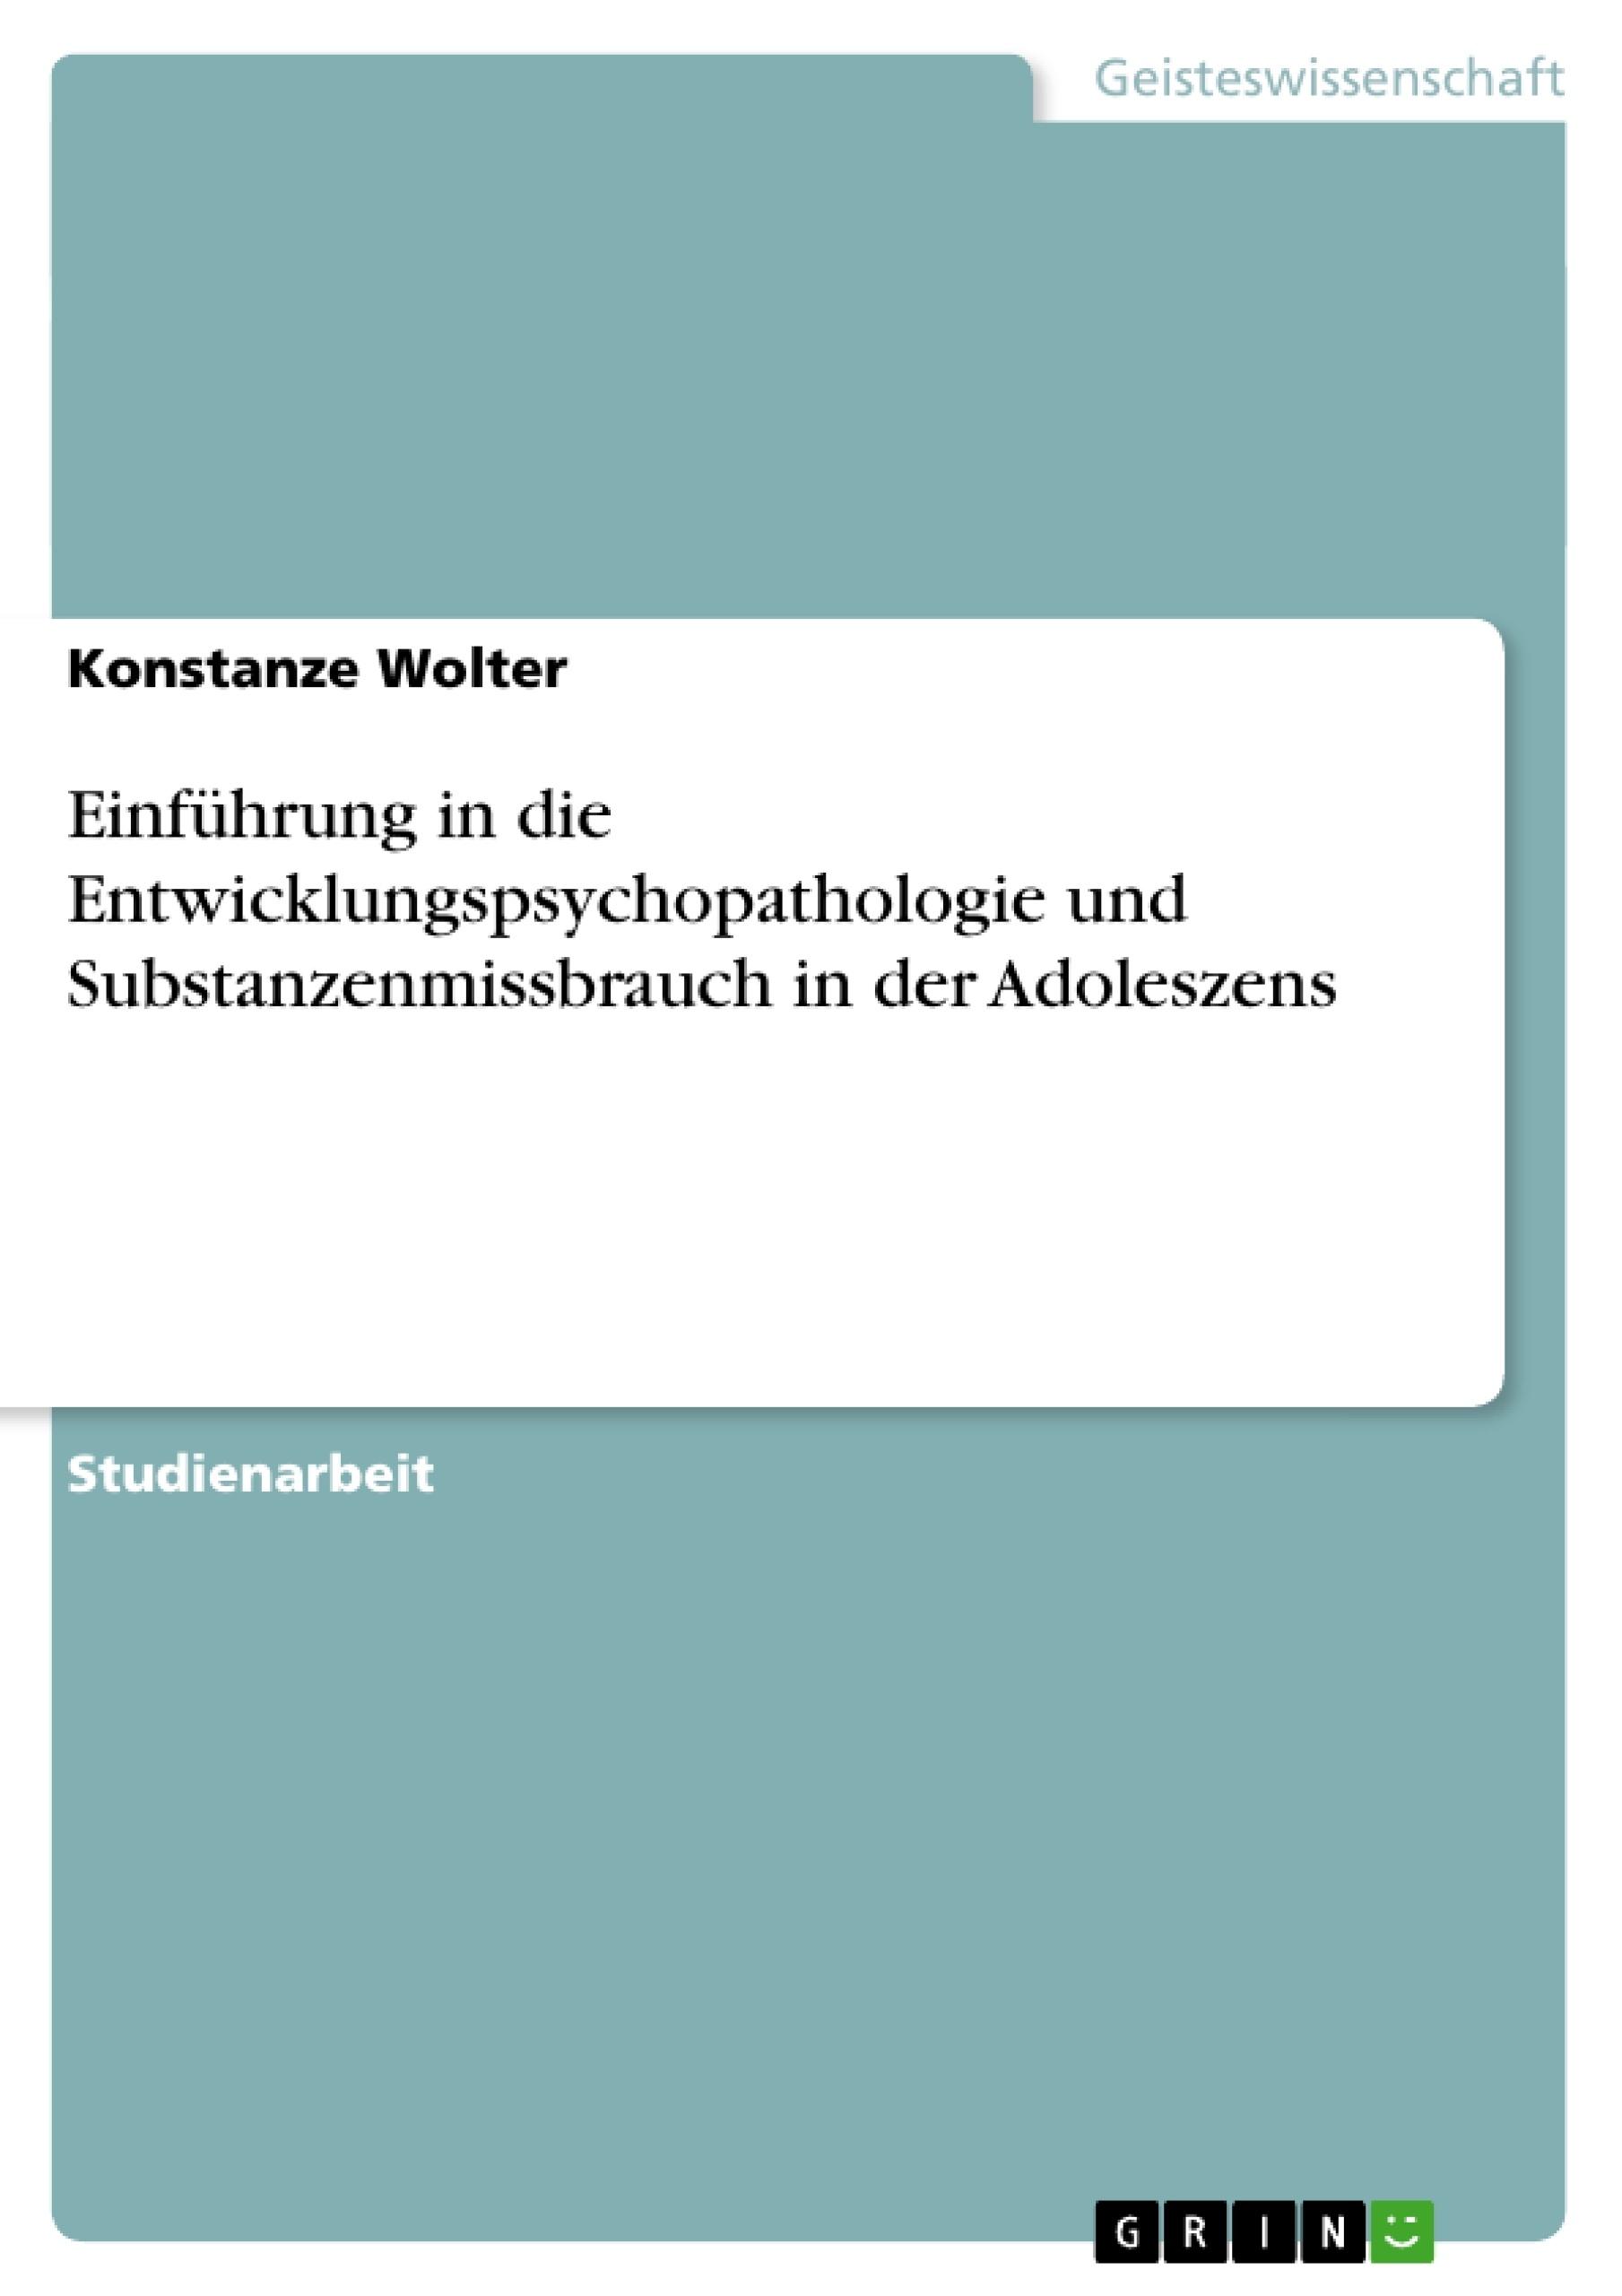 Titel: Einführung in die Entwicklungspsychopathologie und Substanzenmissbrauch in der Adoleszens